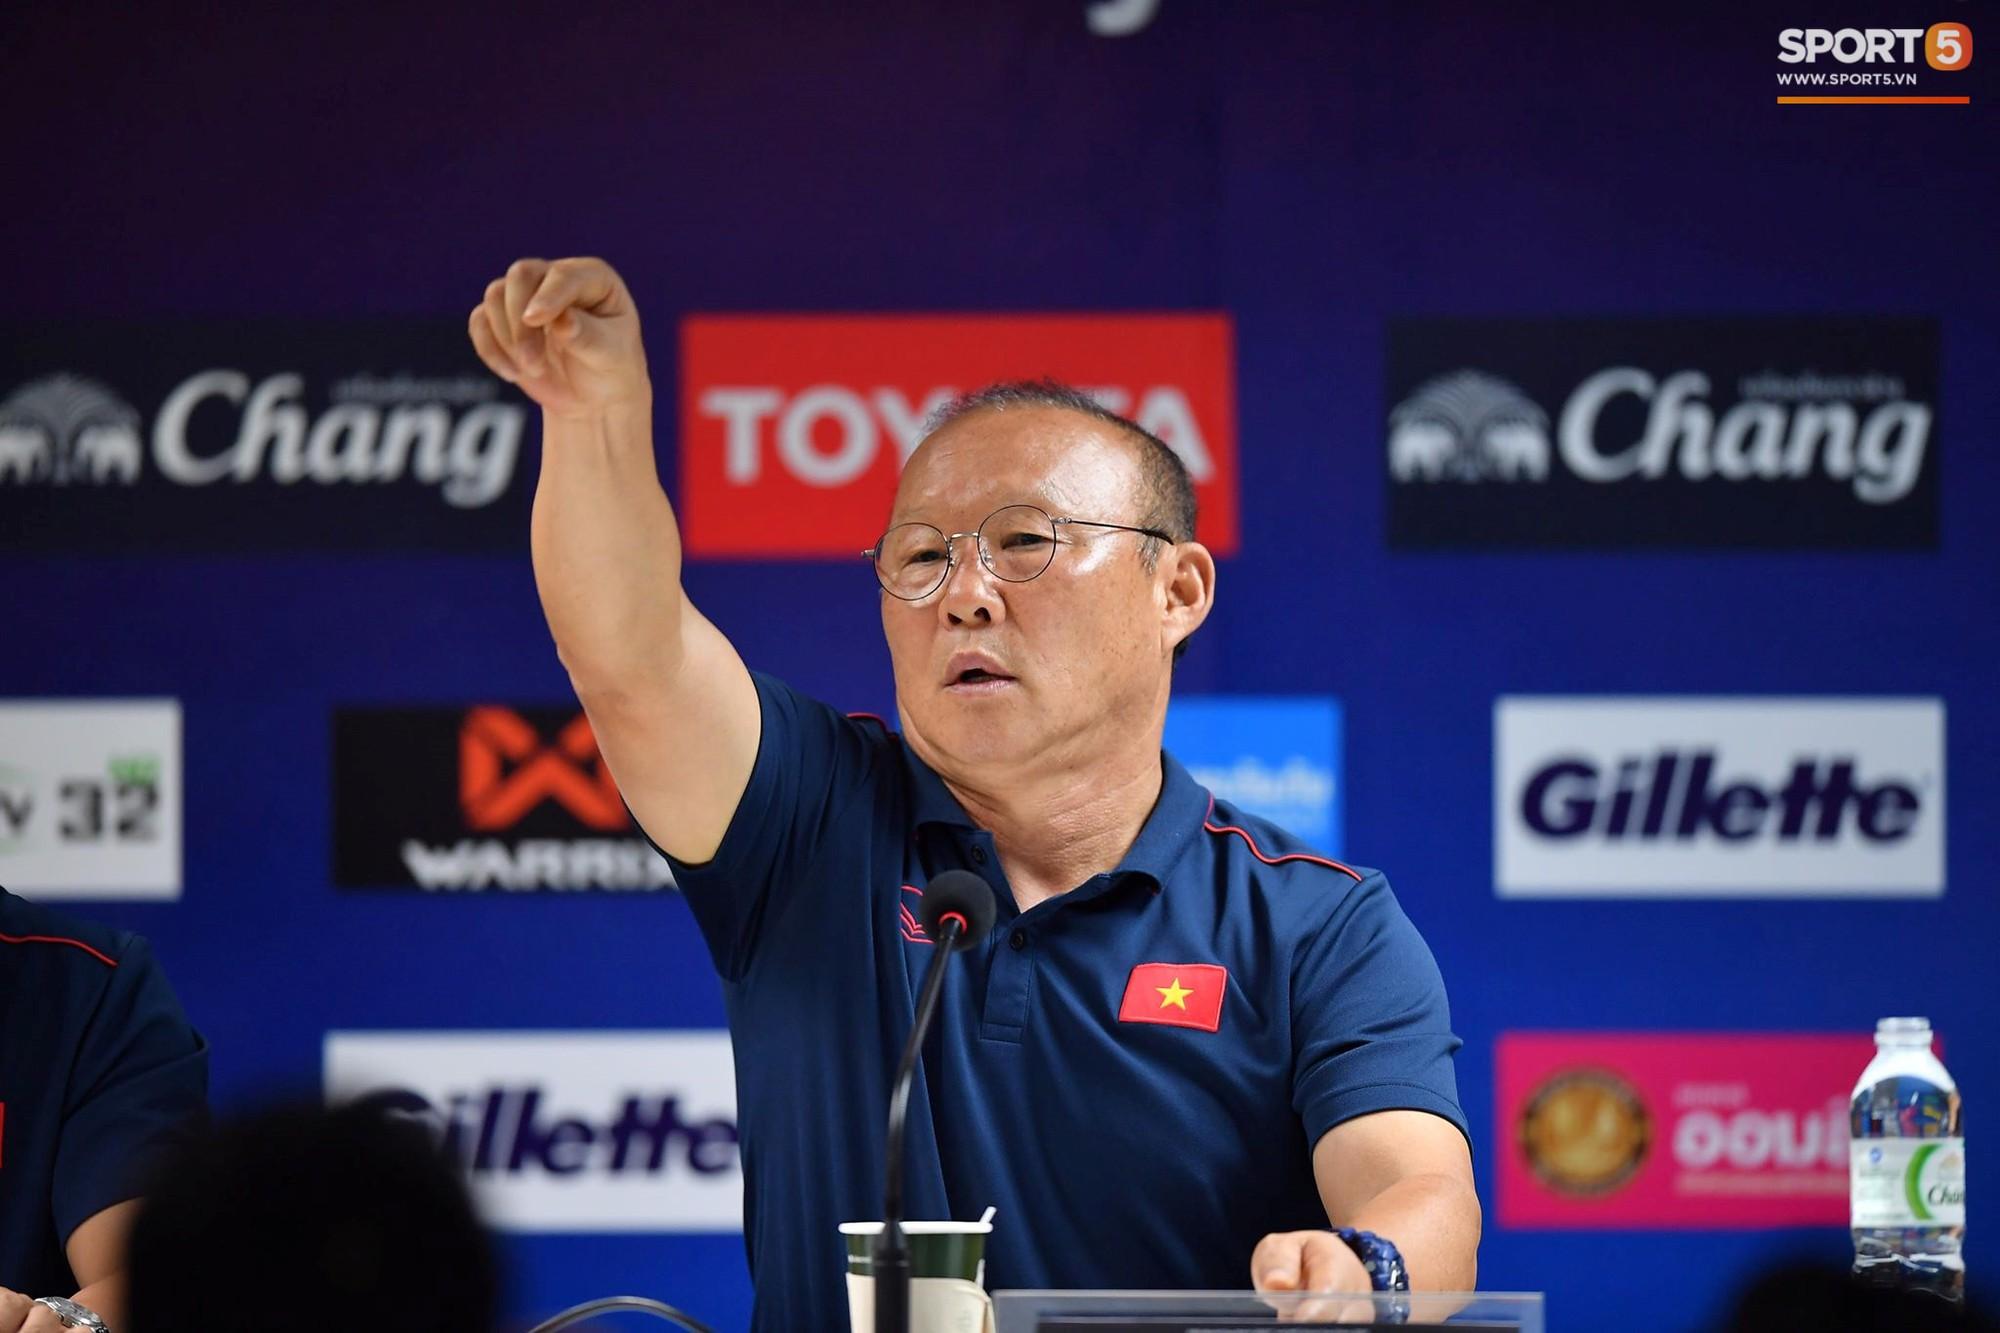 VZN News: HLV Park Hang-seo phát cáu vì không được phóng viên Thái Lan tôn trọng ở buổi họp báo trước trận - Ảnh 3.